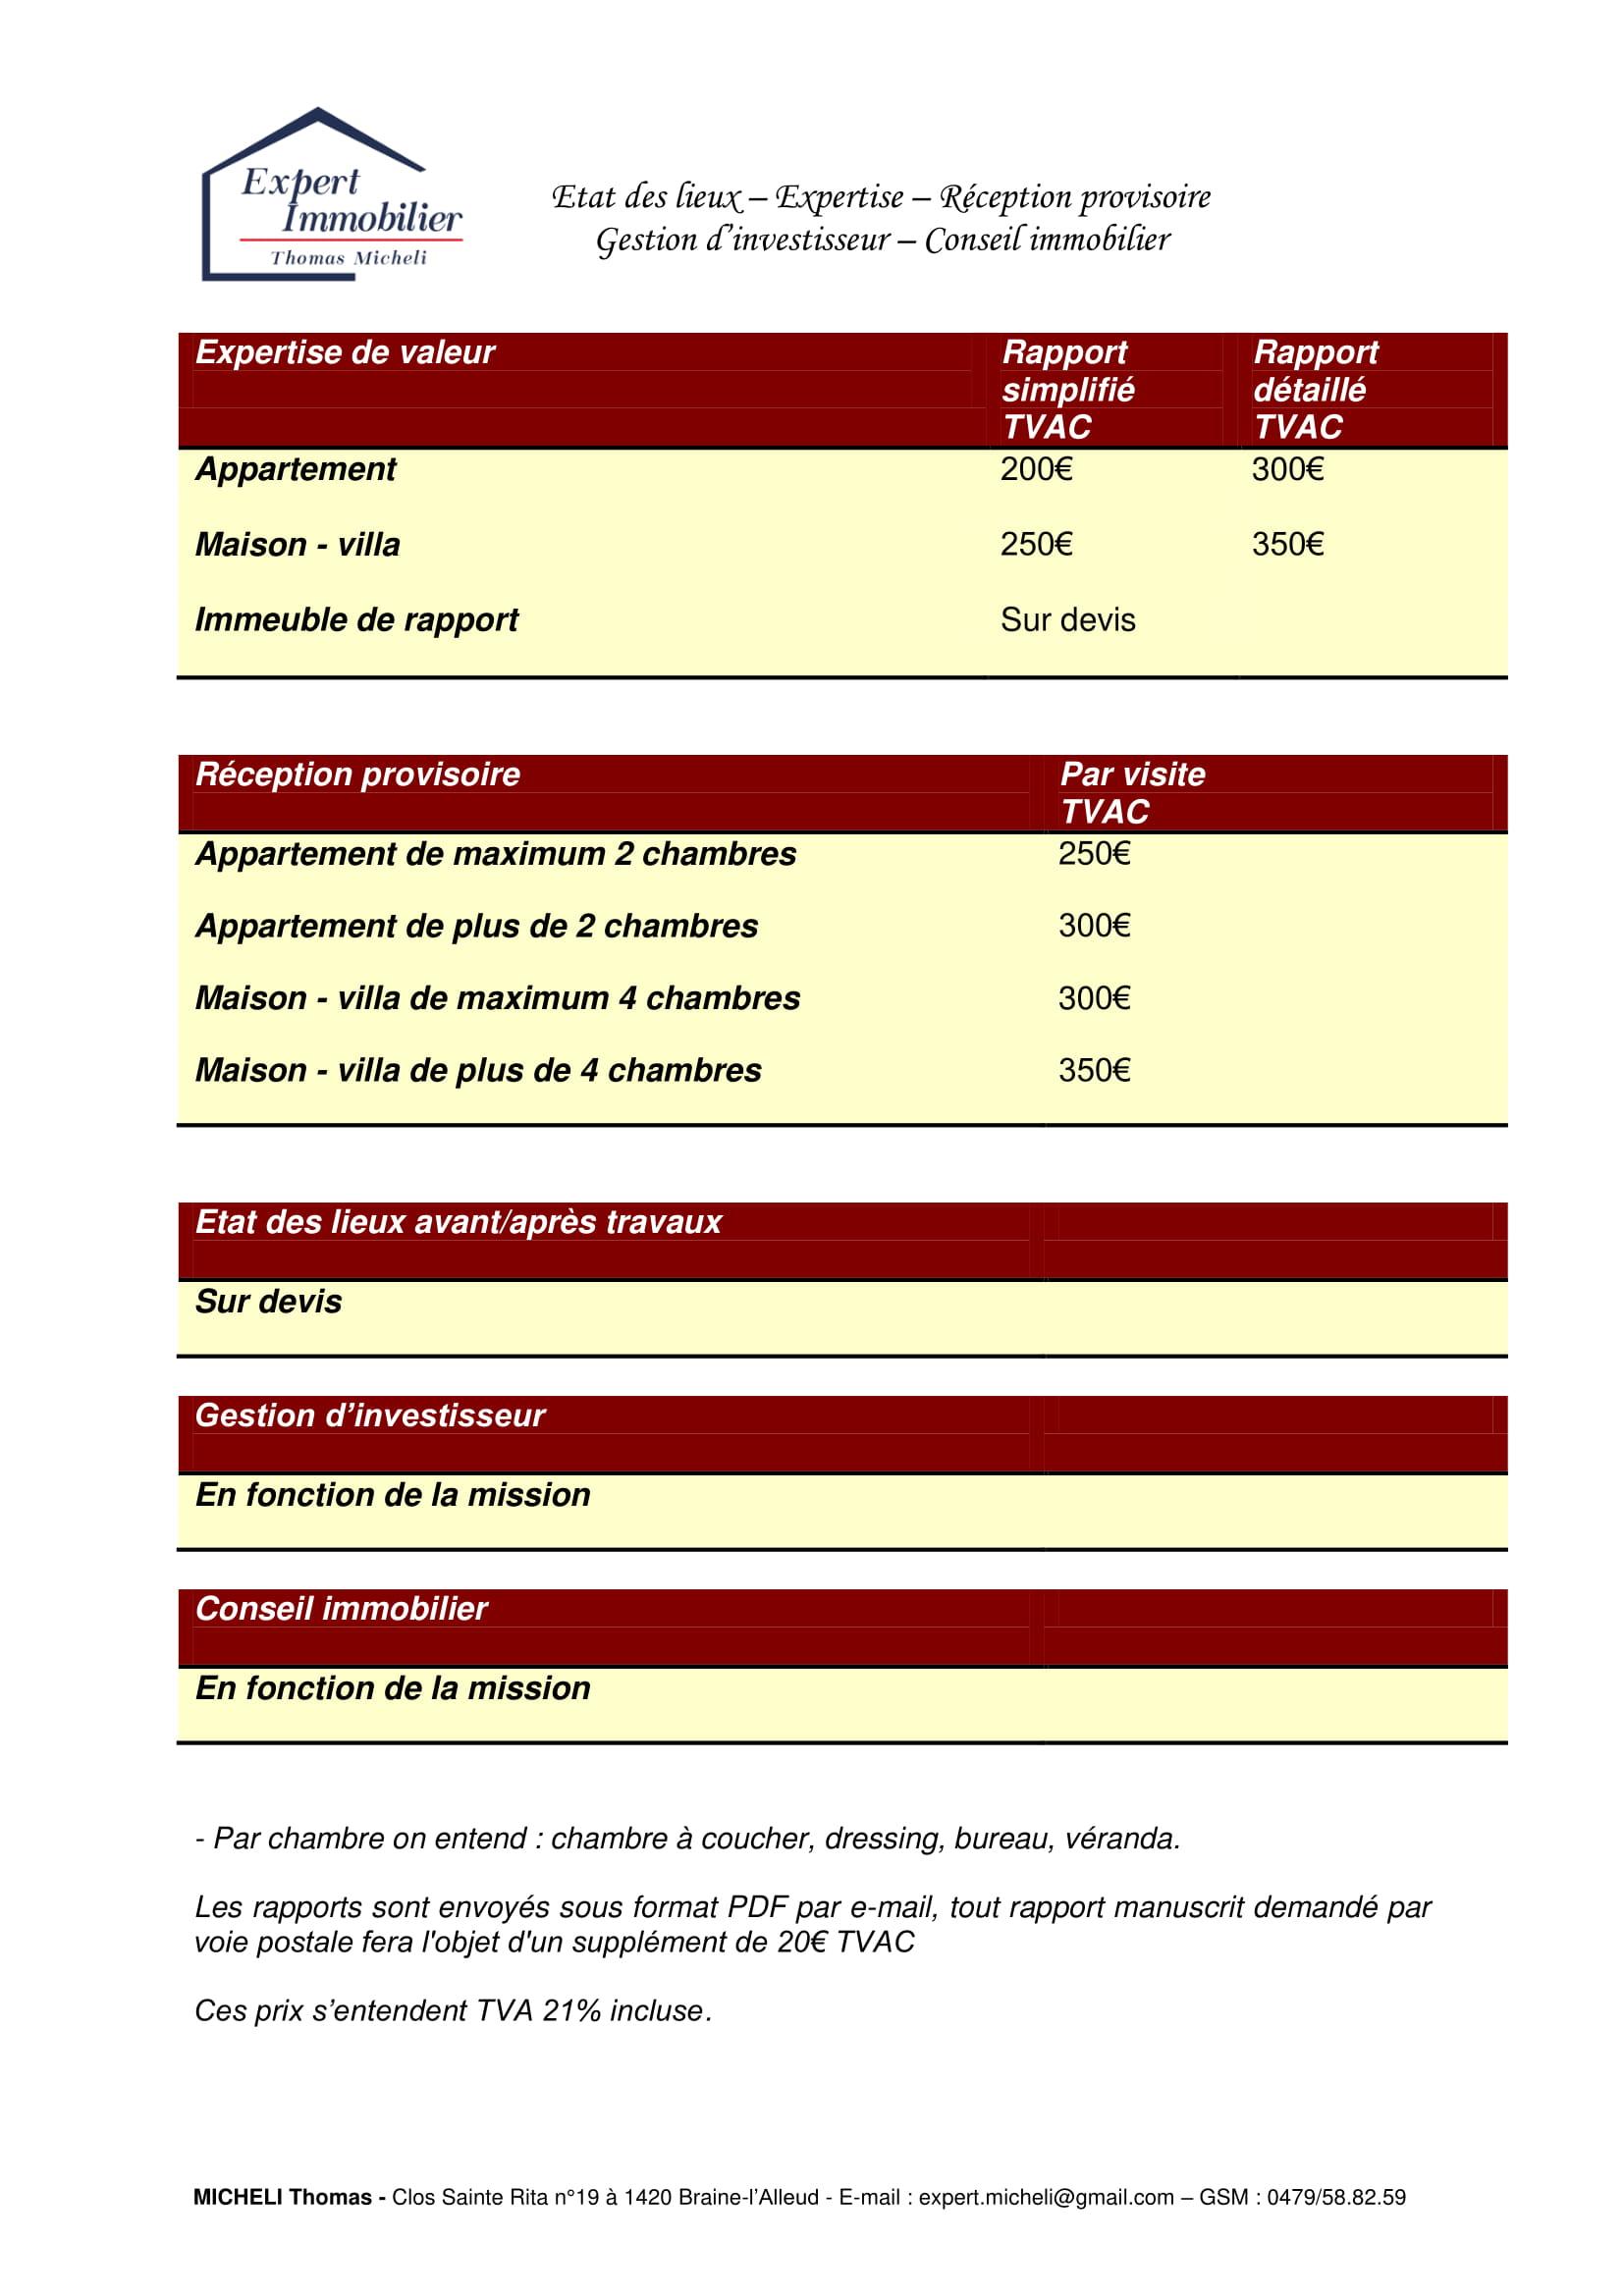 Etat des lieux expertise réception provisoire gestion d'investisseur conseils immobiliers